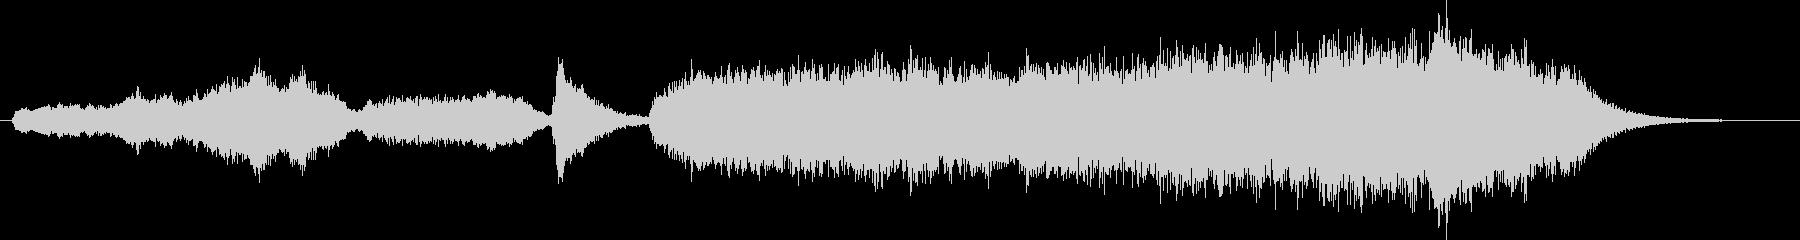 ストリングスによる王道ホラーアンビエントの未再生の波形